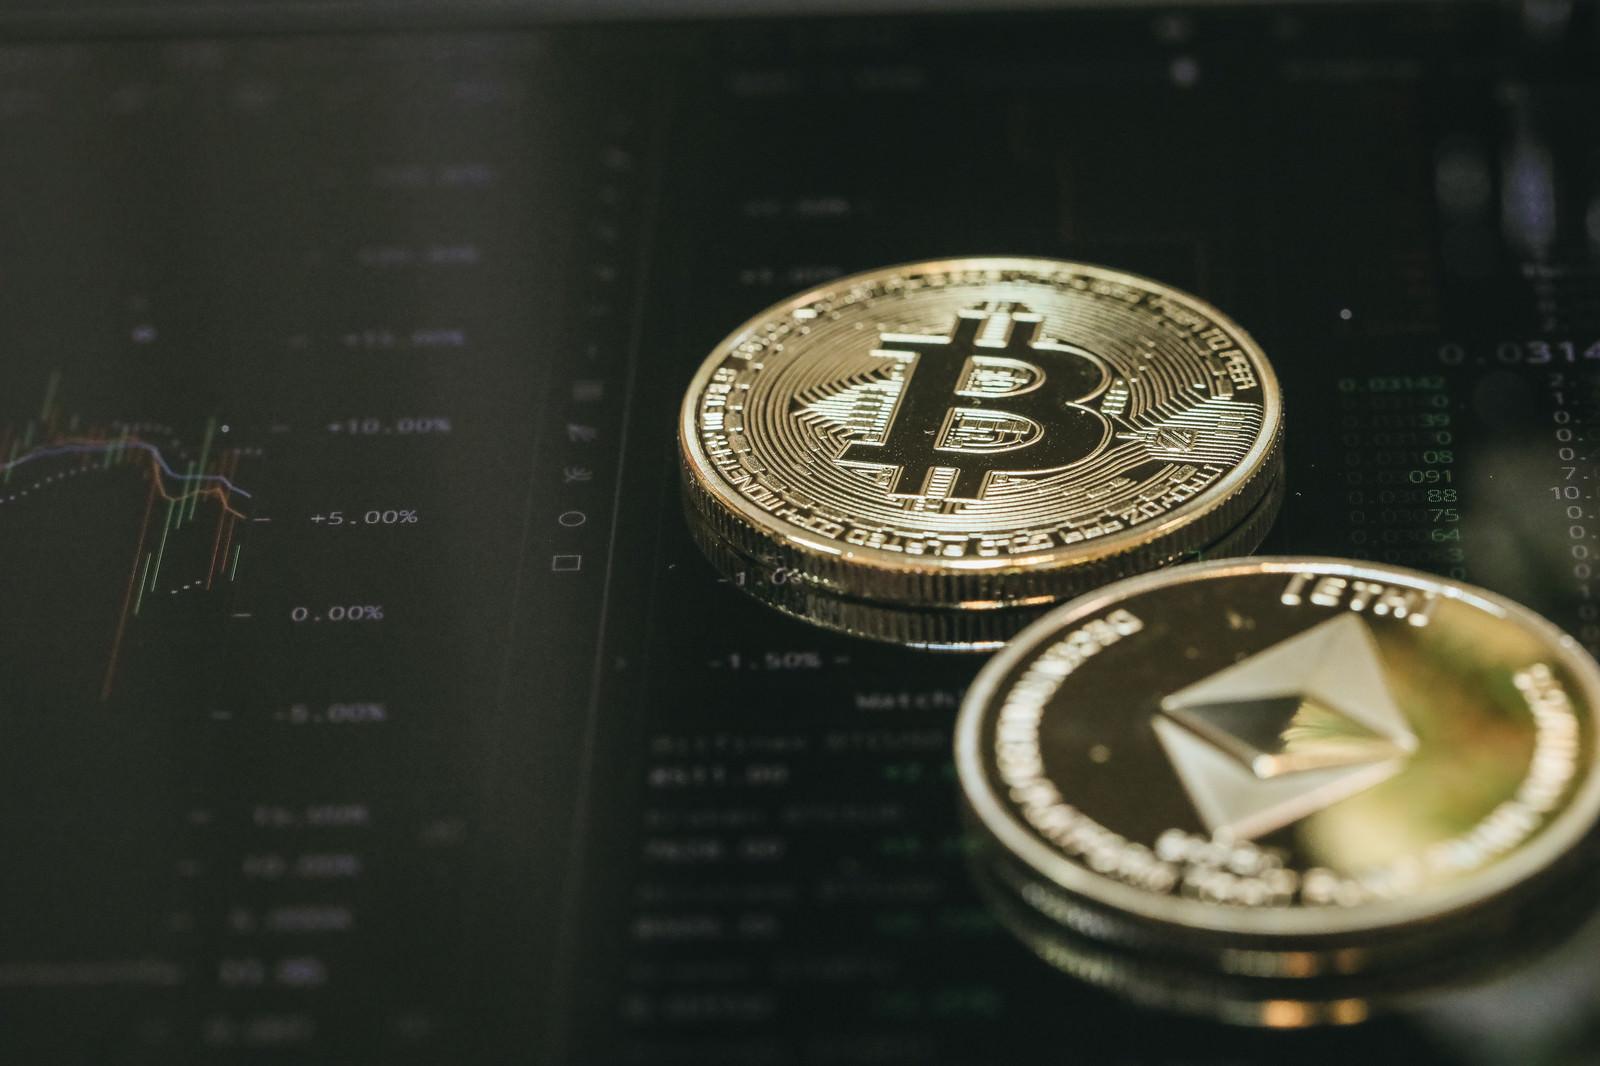 「取引画面上に置かれた仮想通貨(BTC/ETH)」の写真